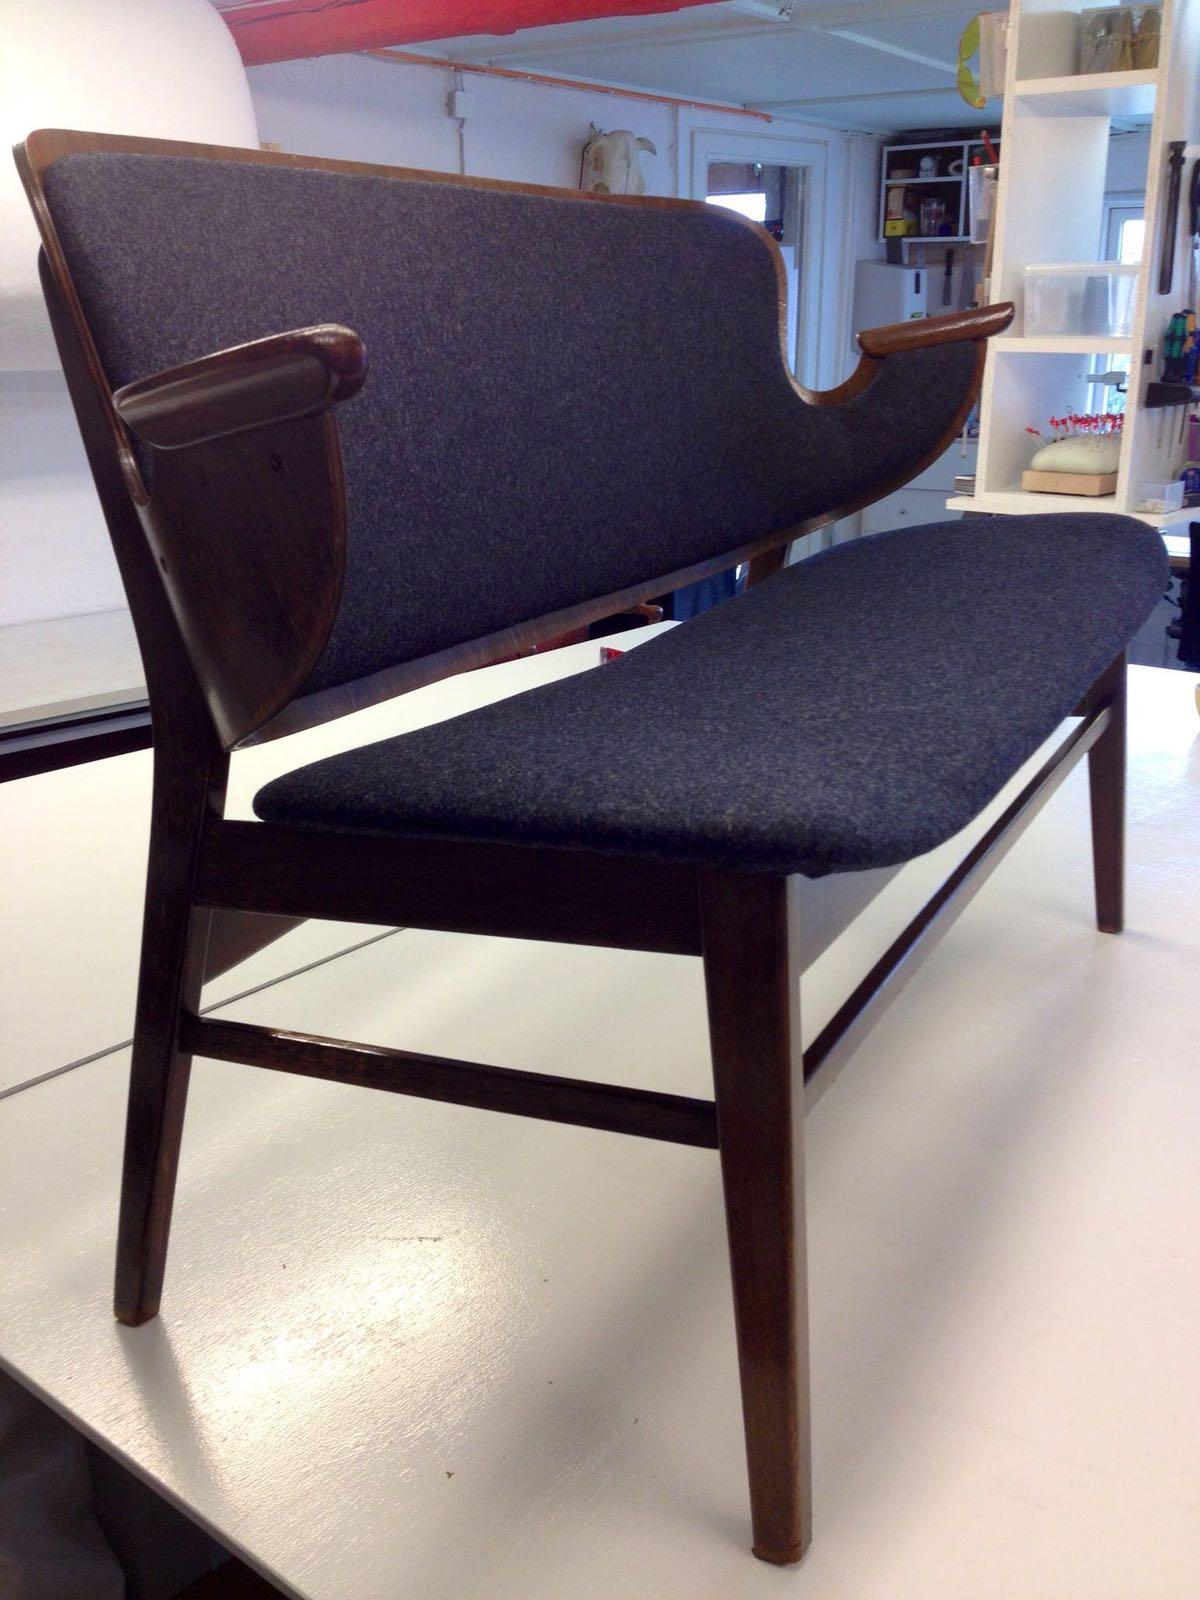 polstring af sofa